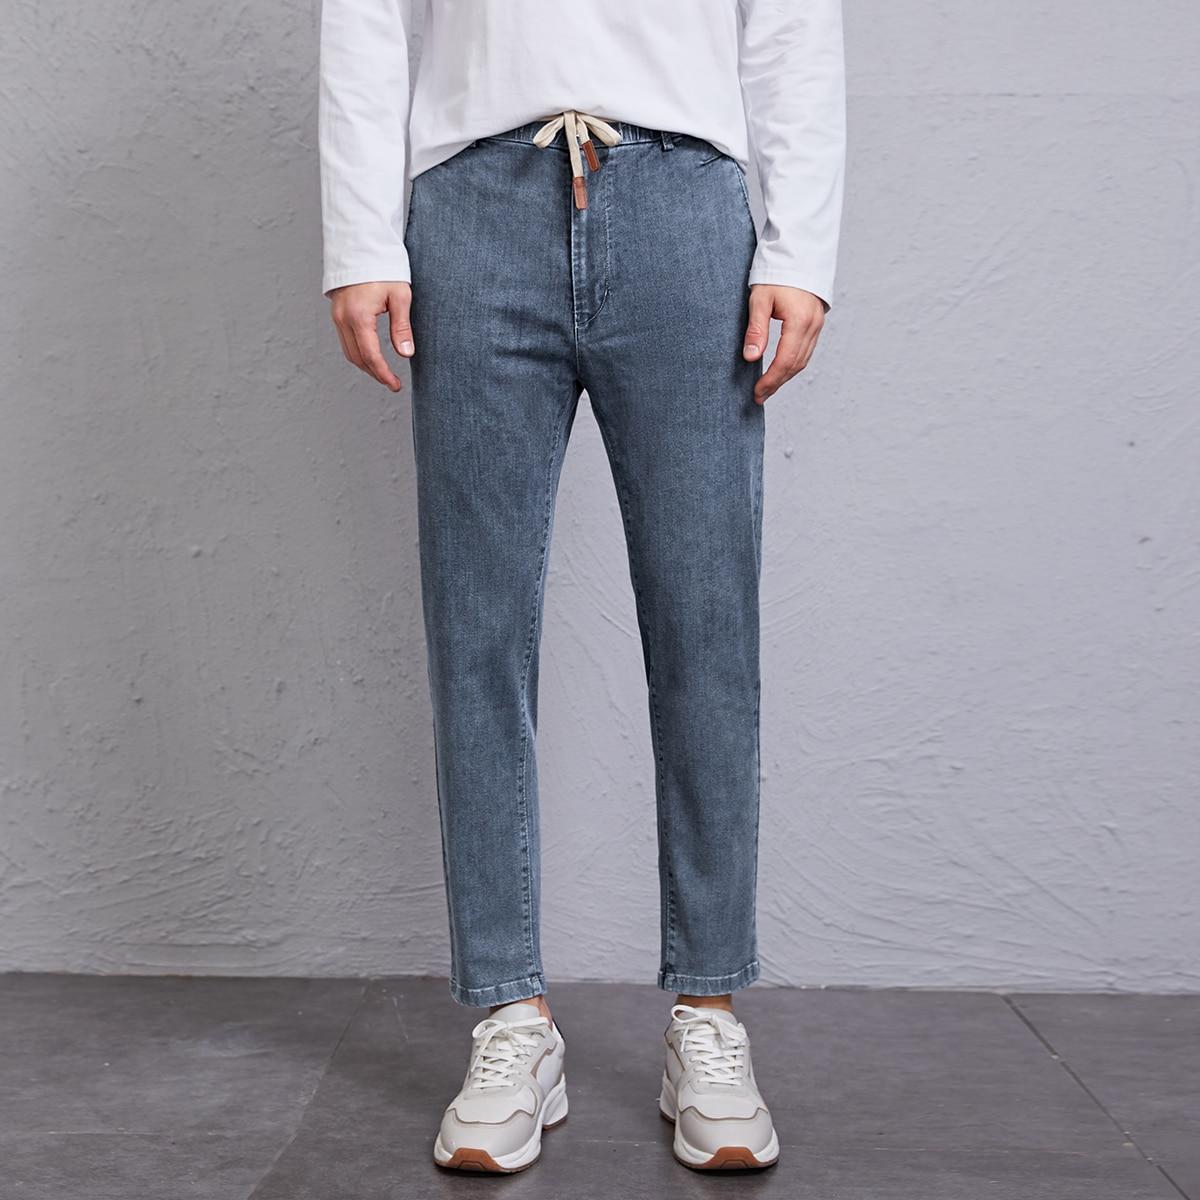 Мужские джинсы на кулиске с карманами